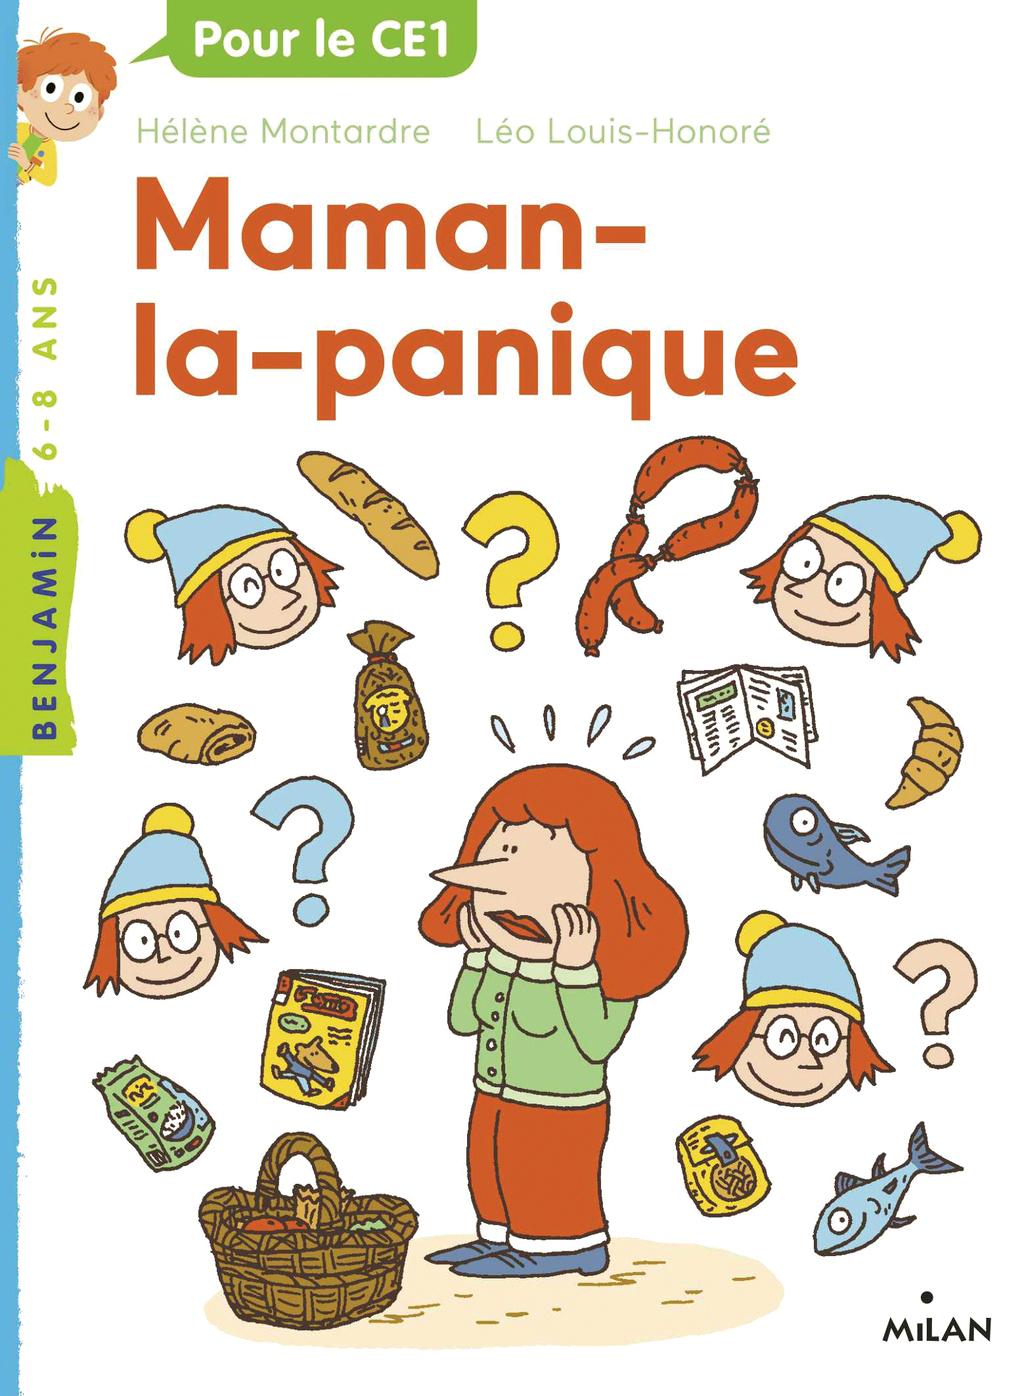 MAMAN-LA-PANIQUE